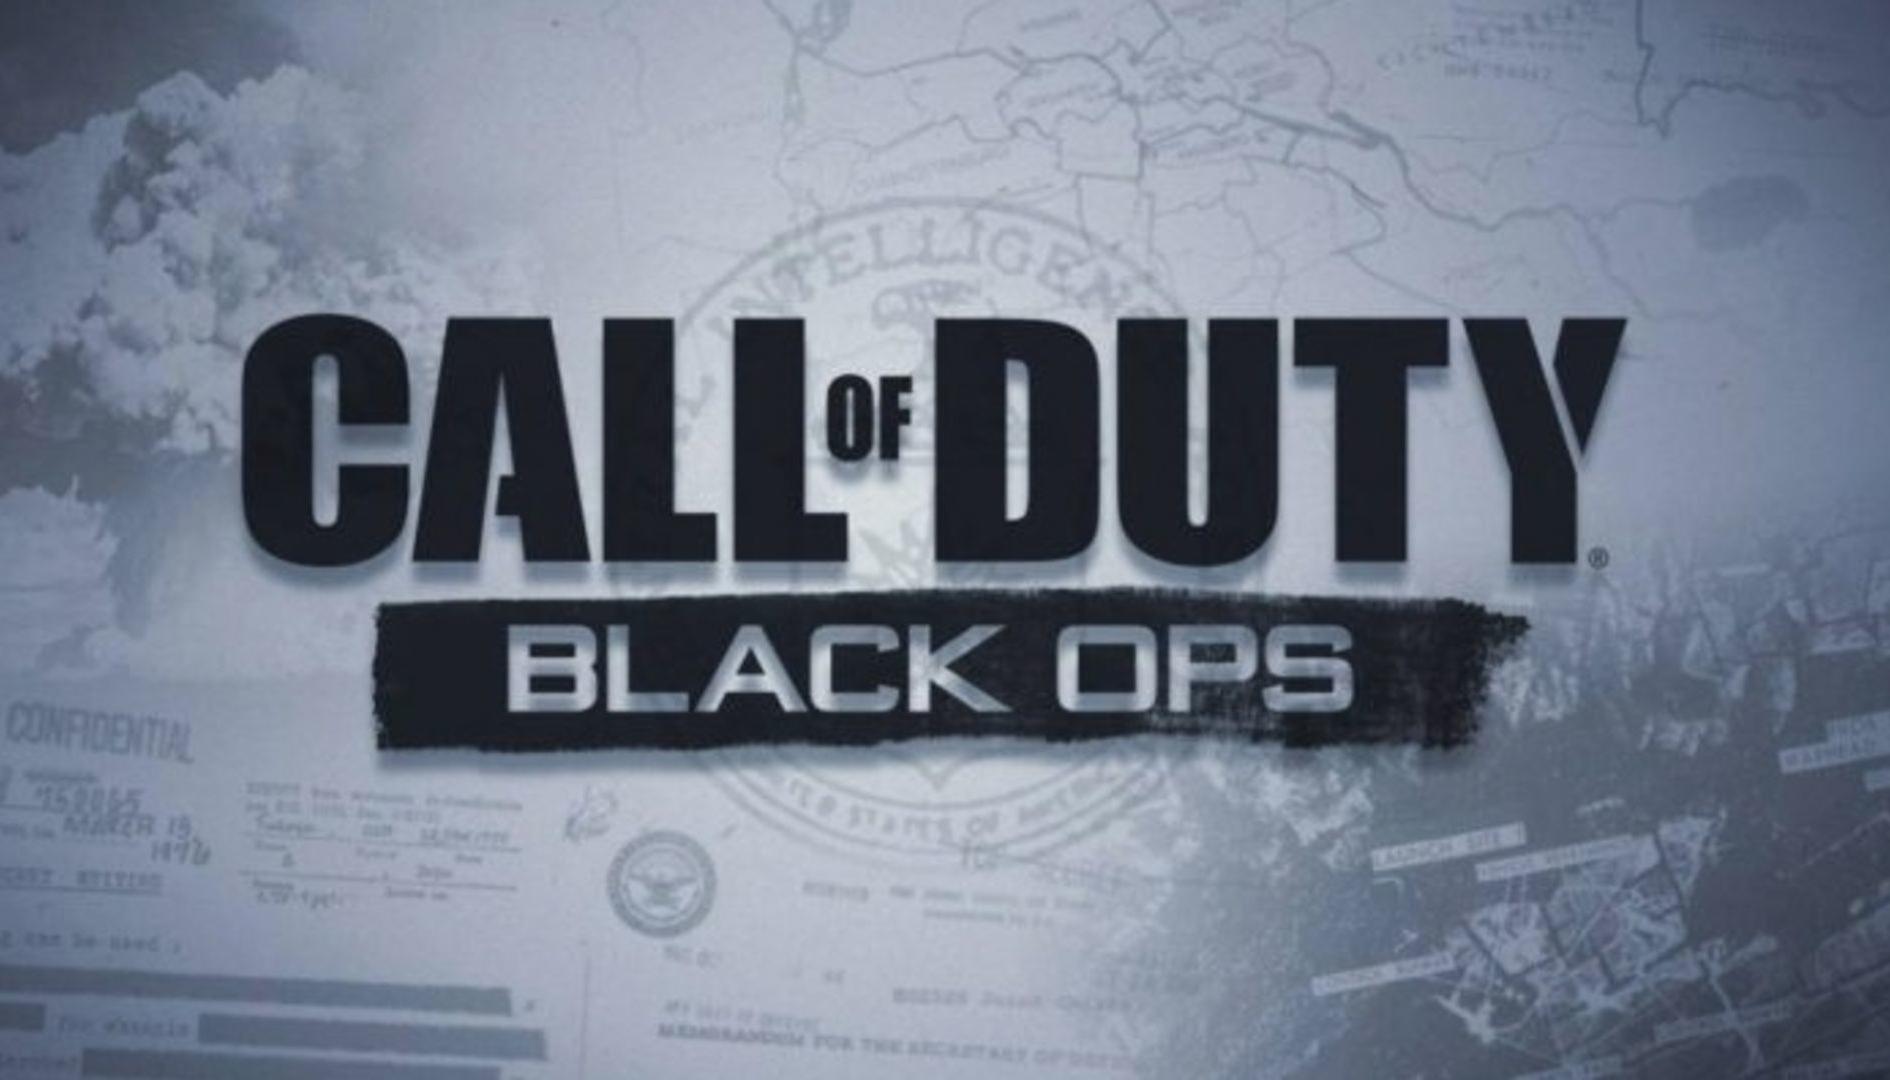 Call of Duty Black Ops CIA: svelato in anticipo il nome del gioco?